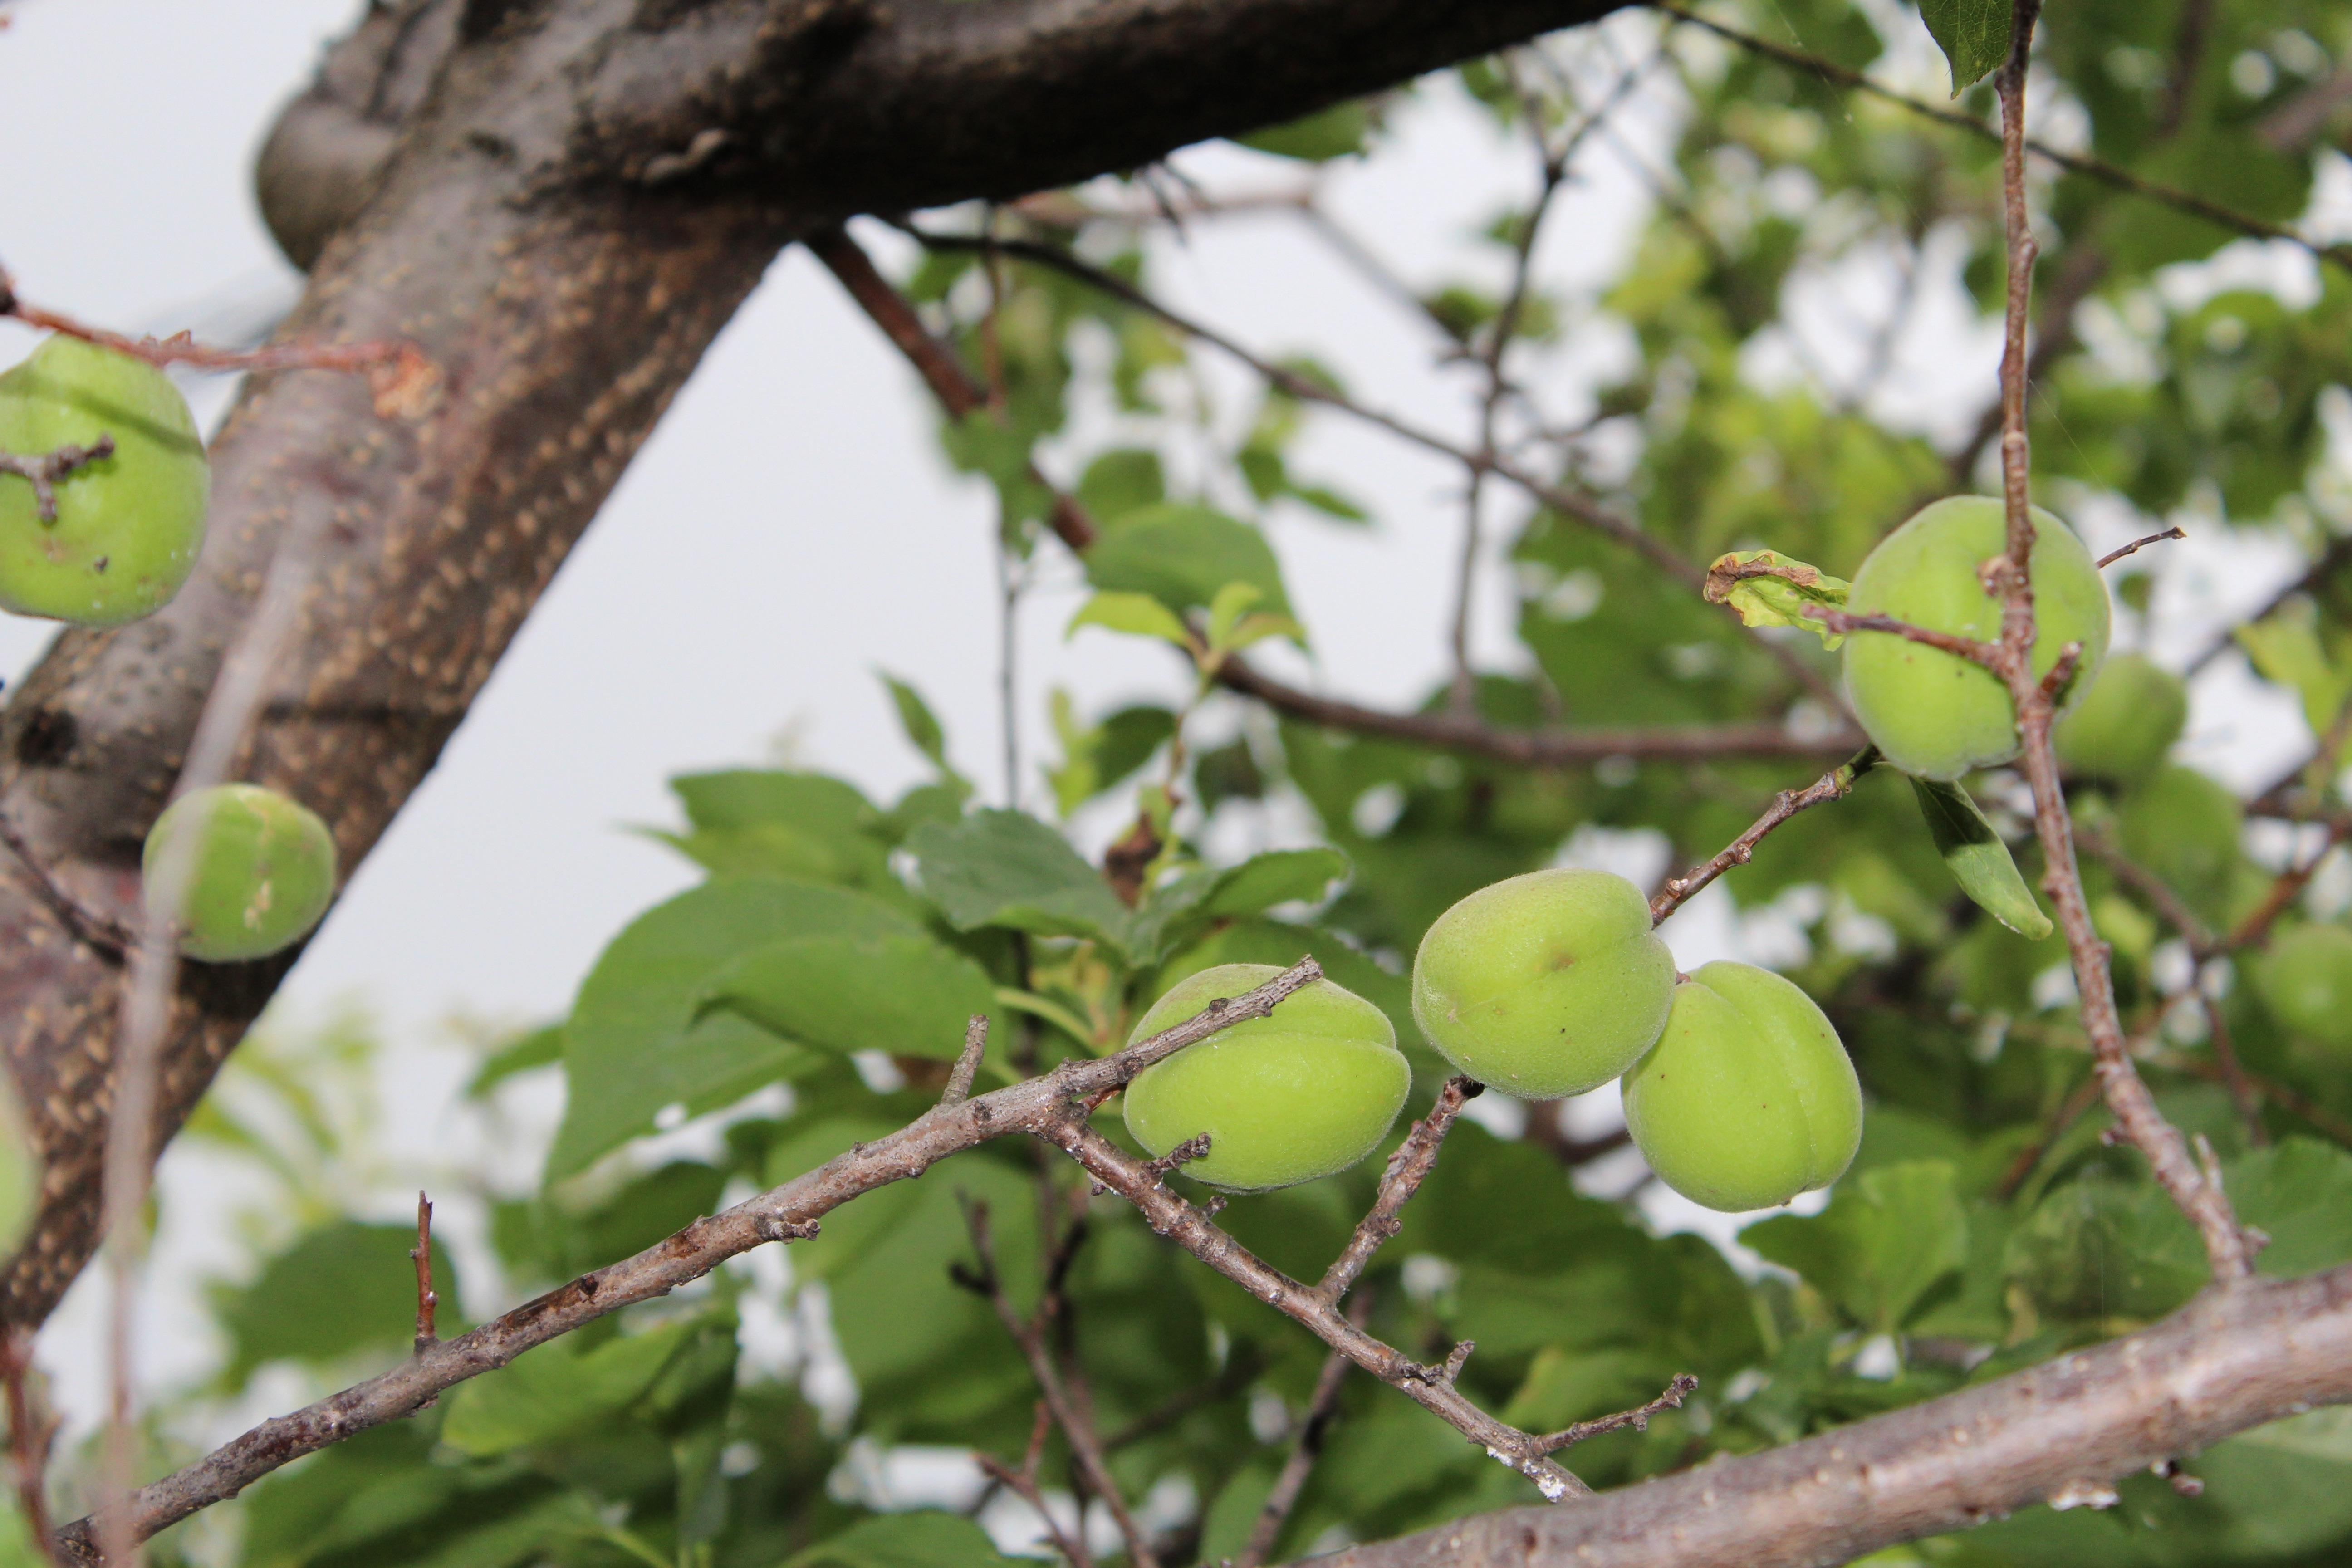 これから色づいてくる杏(あんず)の実がたくさん稔っています。